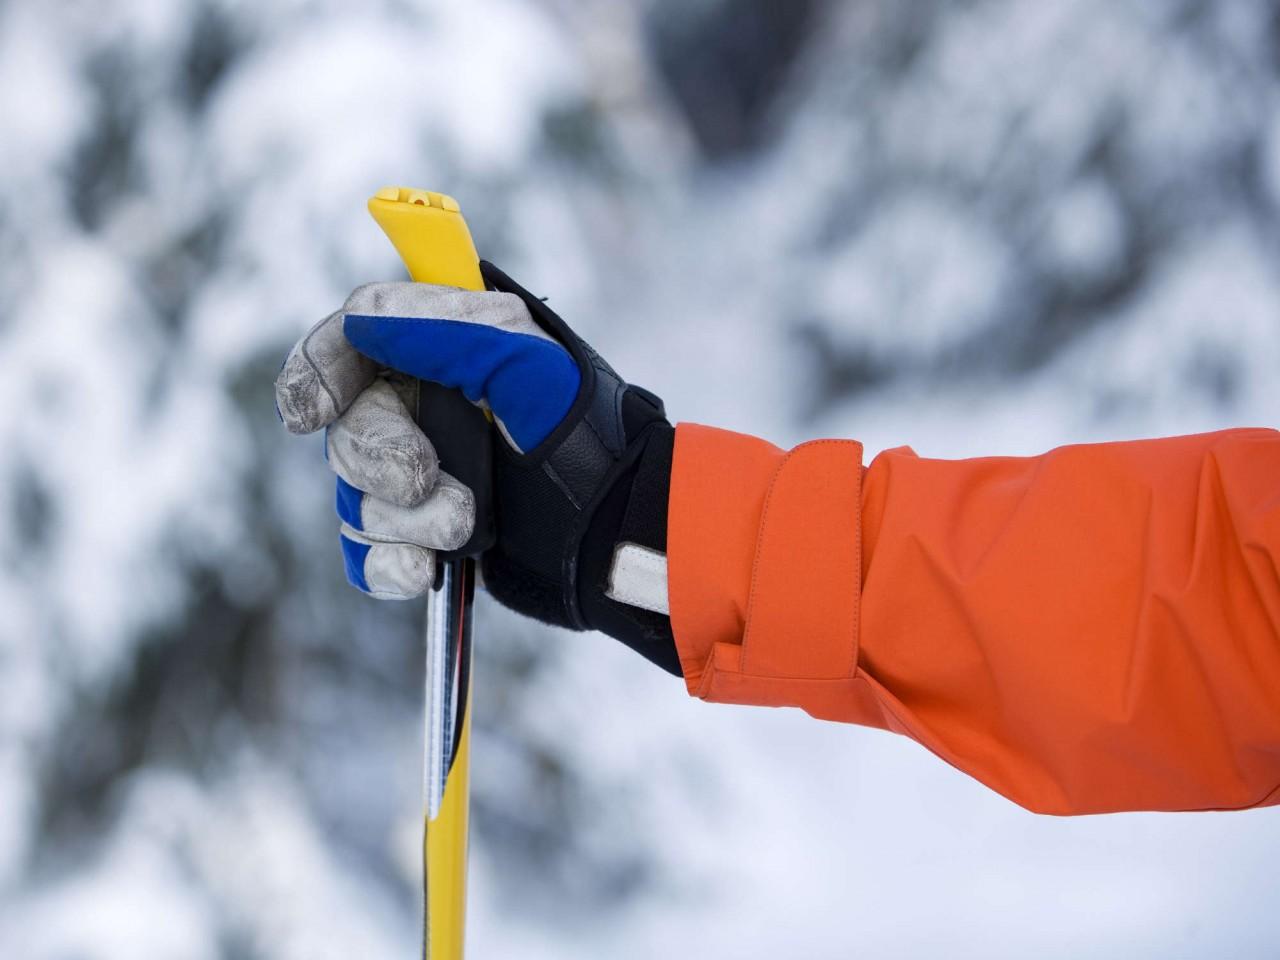 длина лыжных палок